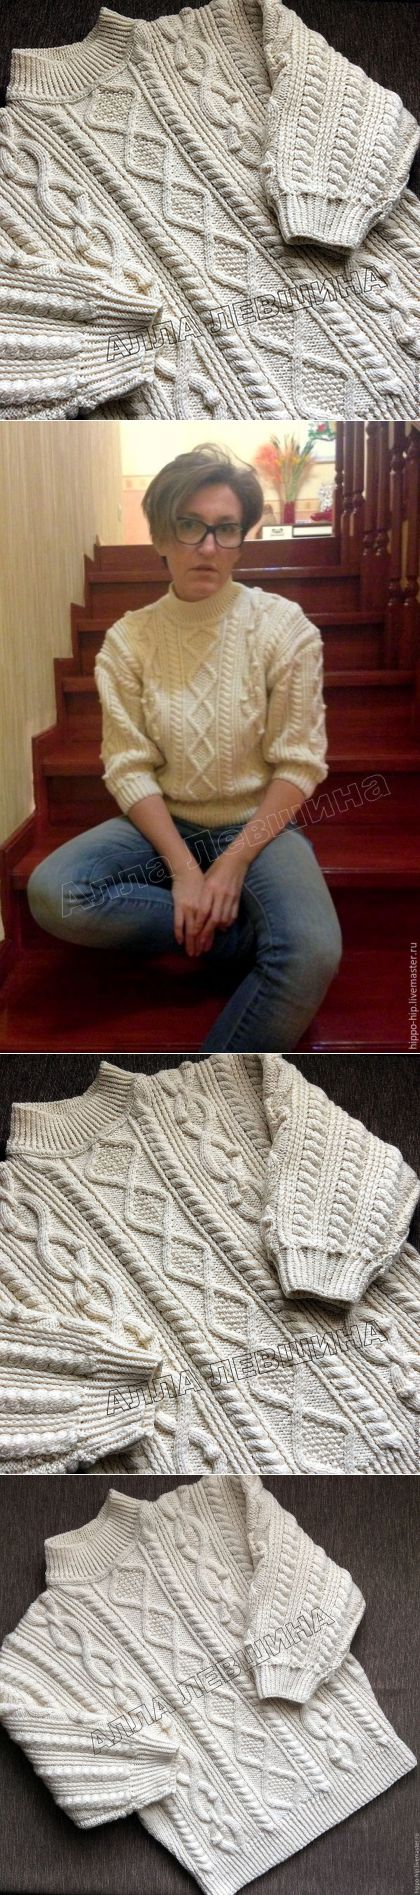 Купить Свитер ВитЛуи - комбинированный, араны, свитер вязаный, свитер женский, свитер с горлом